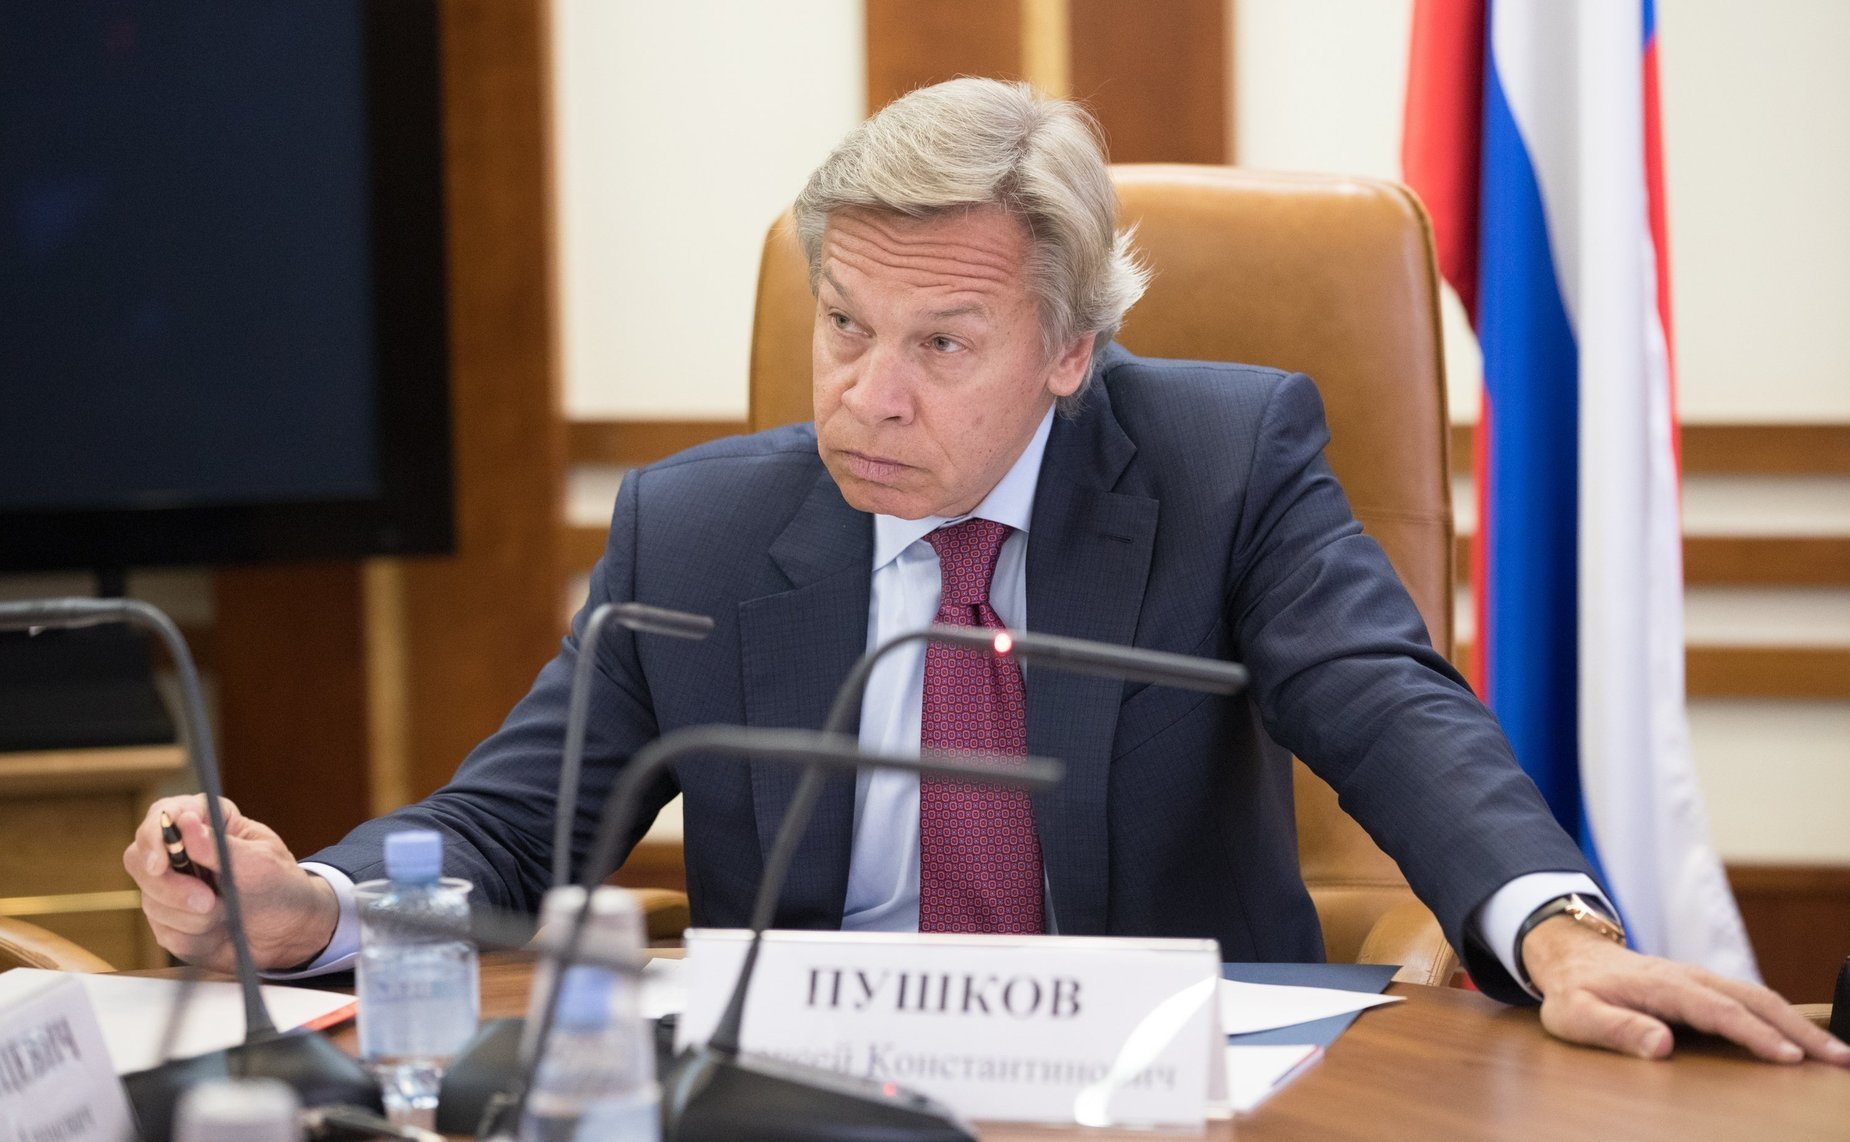 Пушков оценил угрозу коллапса экономики Украины без российской нефти новости,события,политика